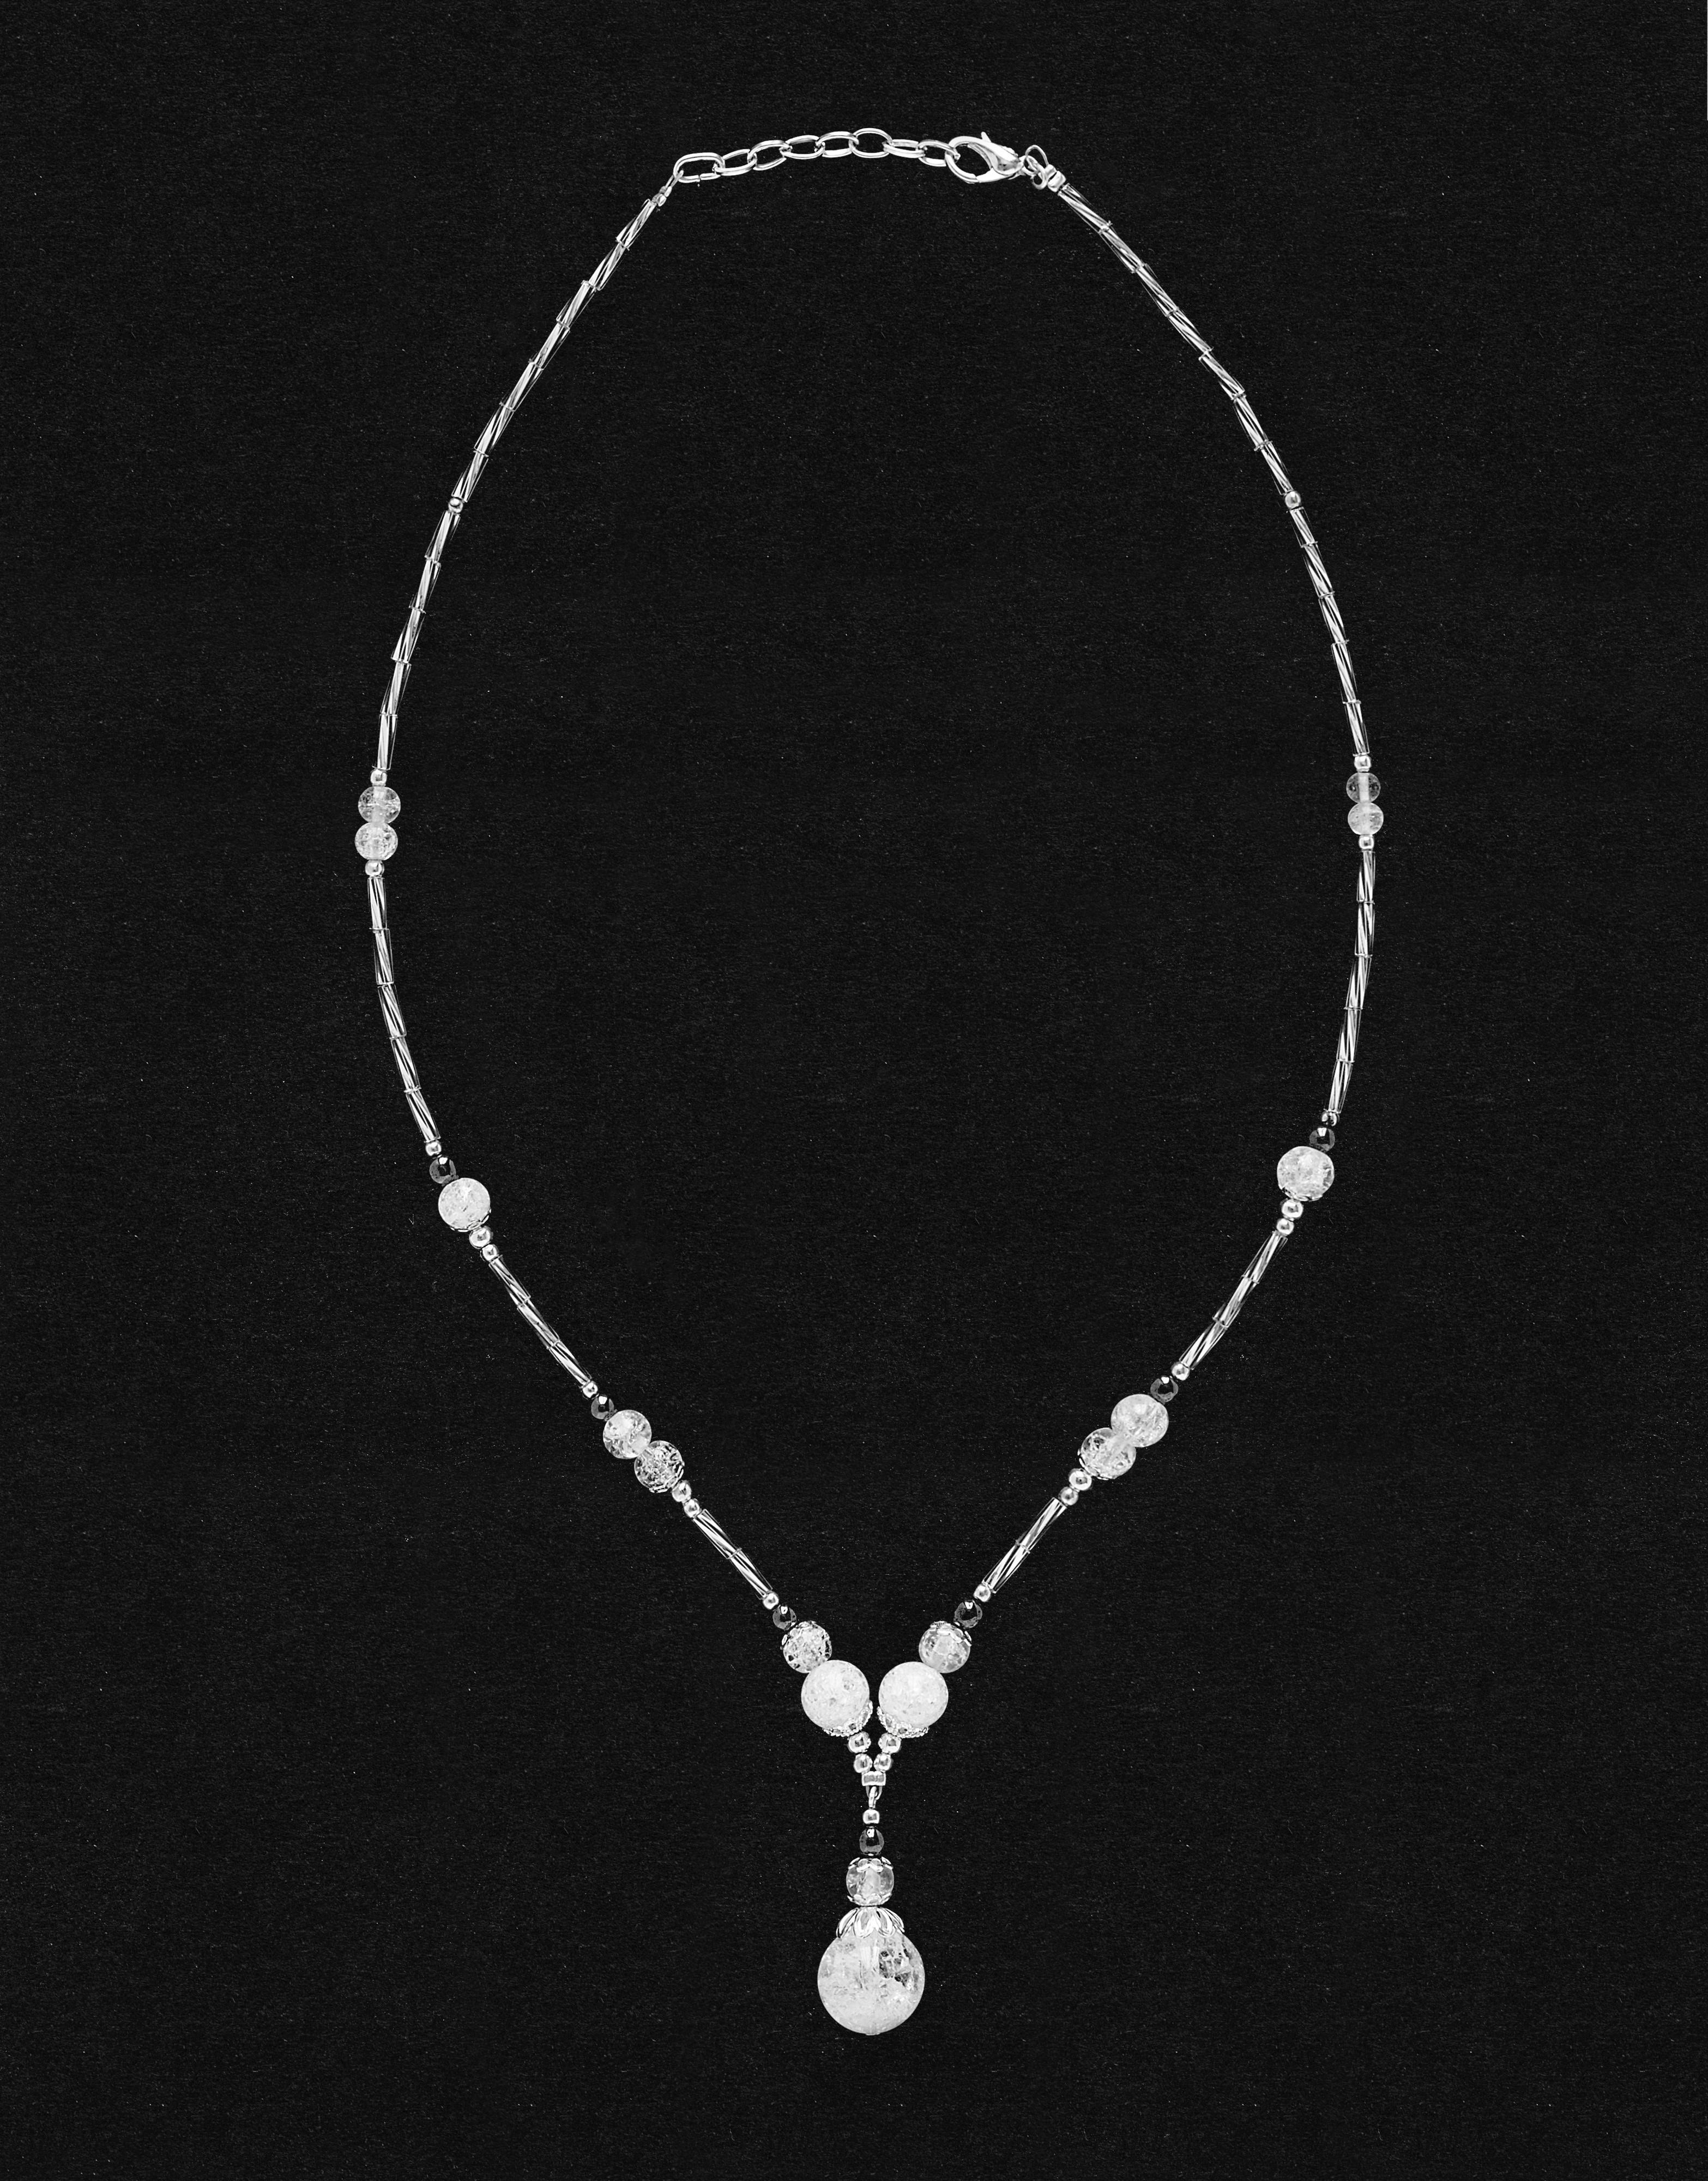 Collier Calliope Cristal de roche